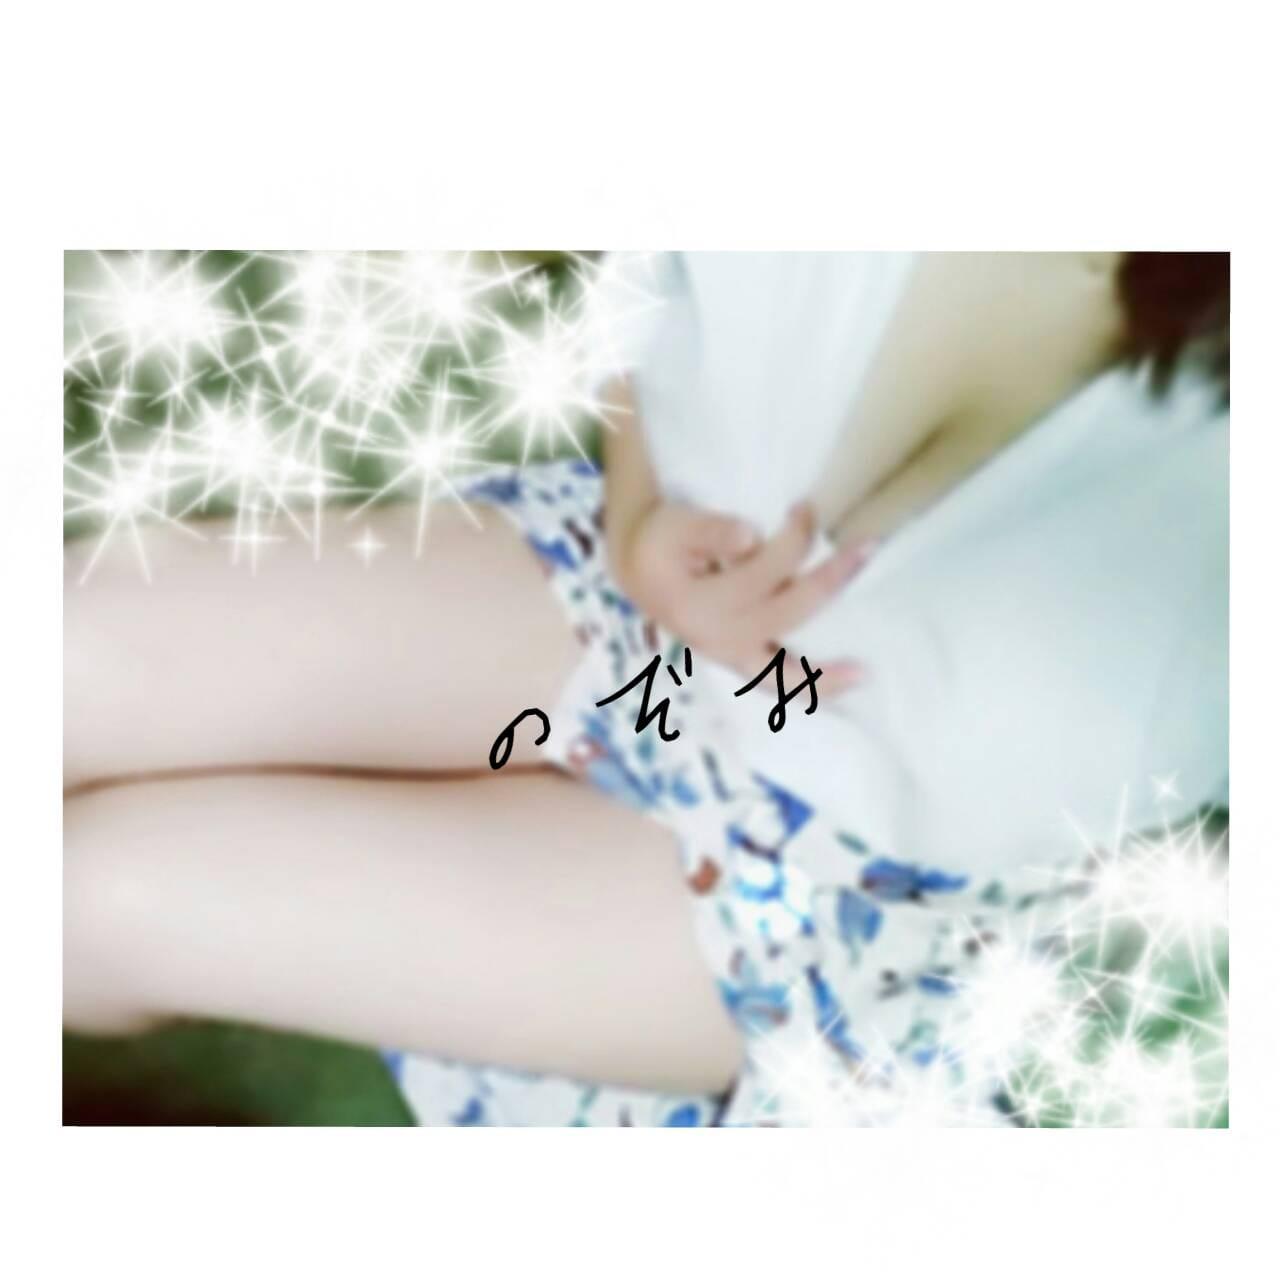 「涼しいぃ」08/11(08/11) 13:25 | のぞみの写メ・風俗動画